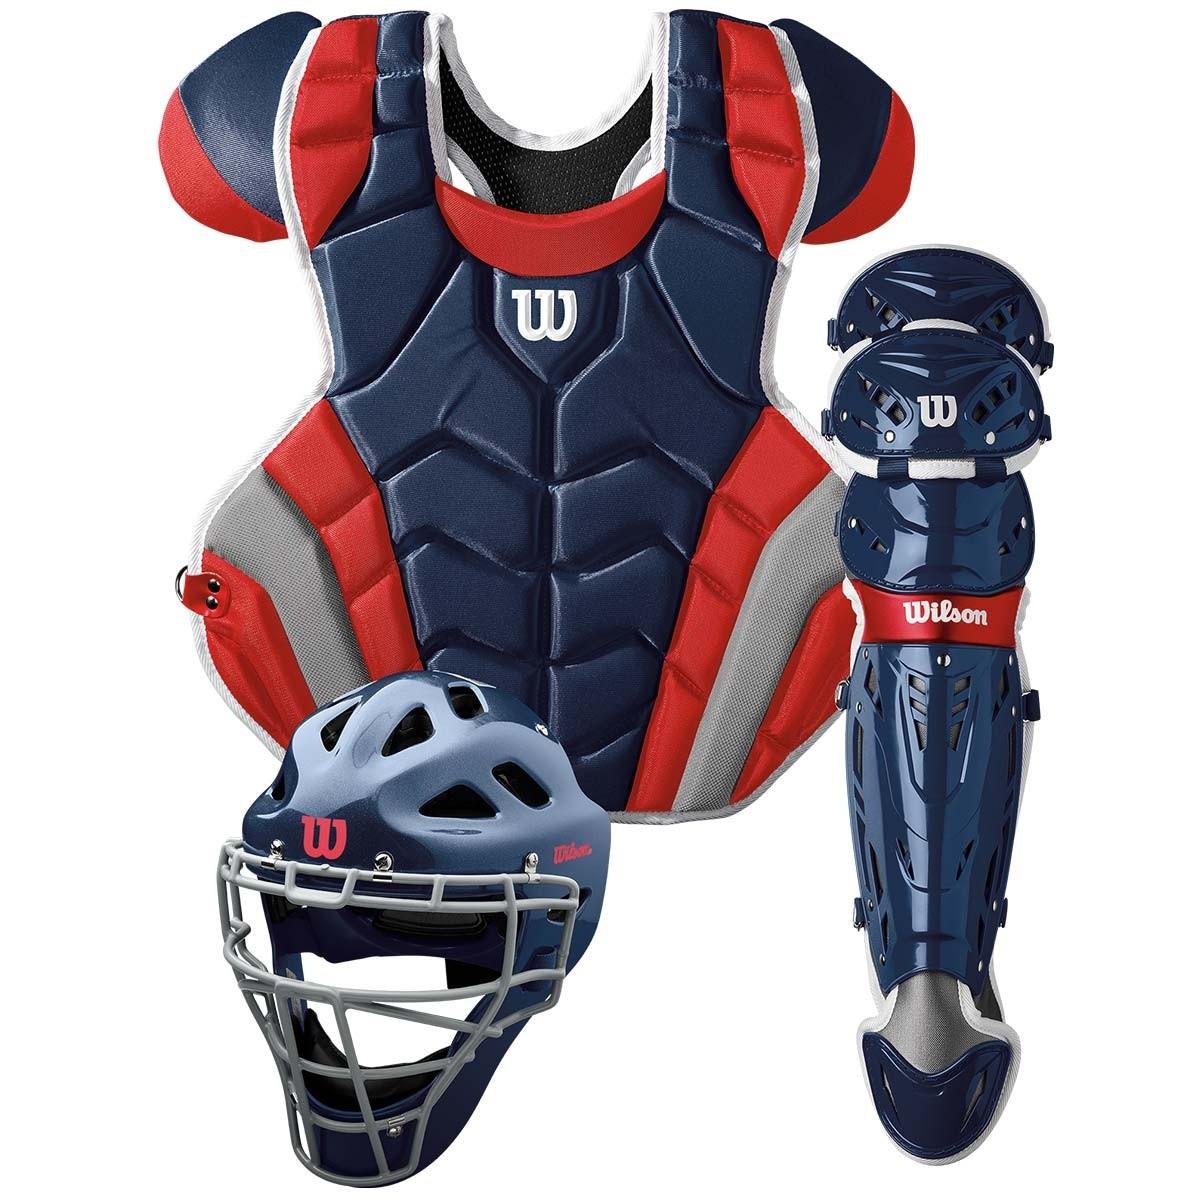 送料無料 ウィルソン WILSON 硬式野球用 キャッチャーセット ネイビー×レッド C1K Catcher's Gear Kit - Adult マスク・プロテクター・レガース